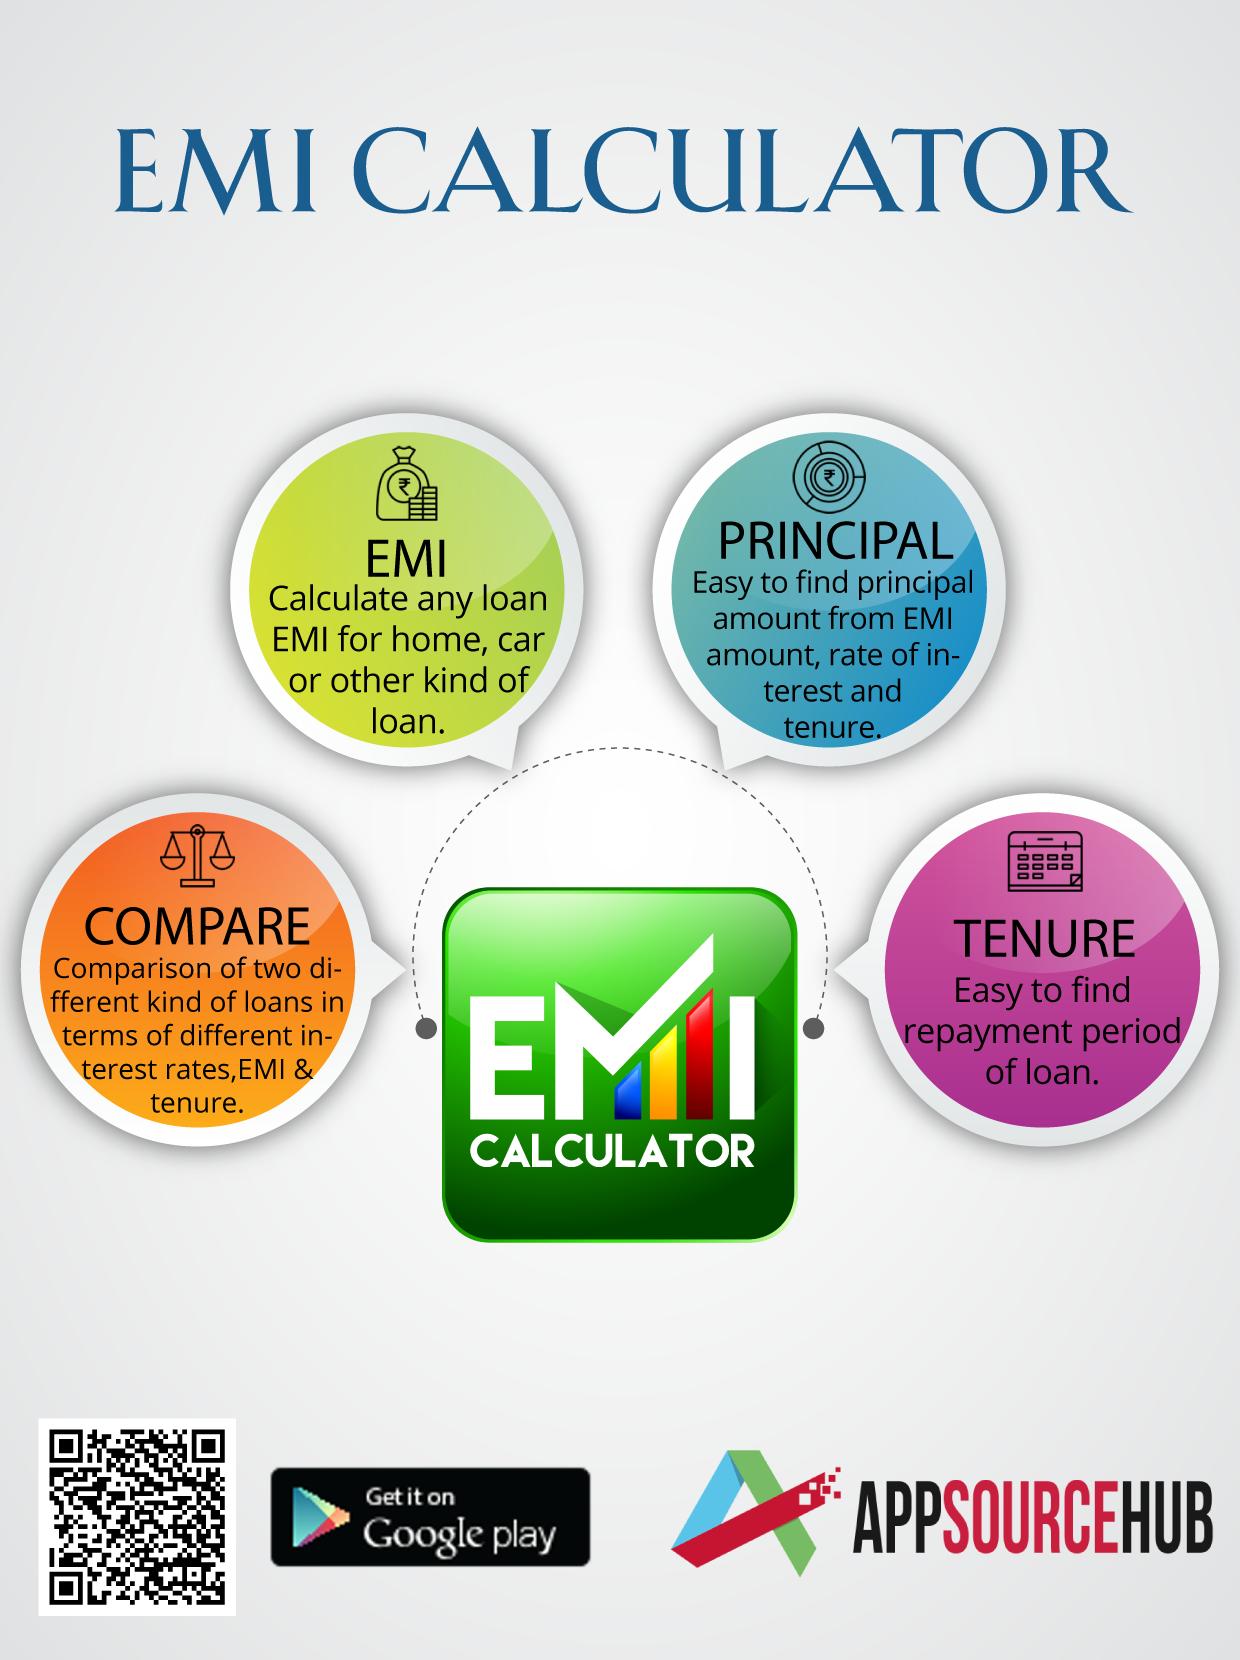 Loan Calculator Is A Free Mobile App That Allows You To Calculate All Types Of Loan Emi Carloan Homeloan Emi Loantracke Finance Loans Finance Planner Loan